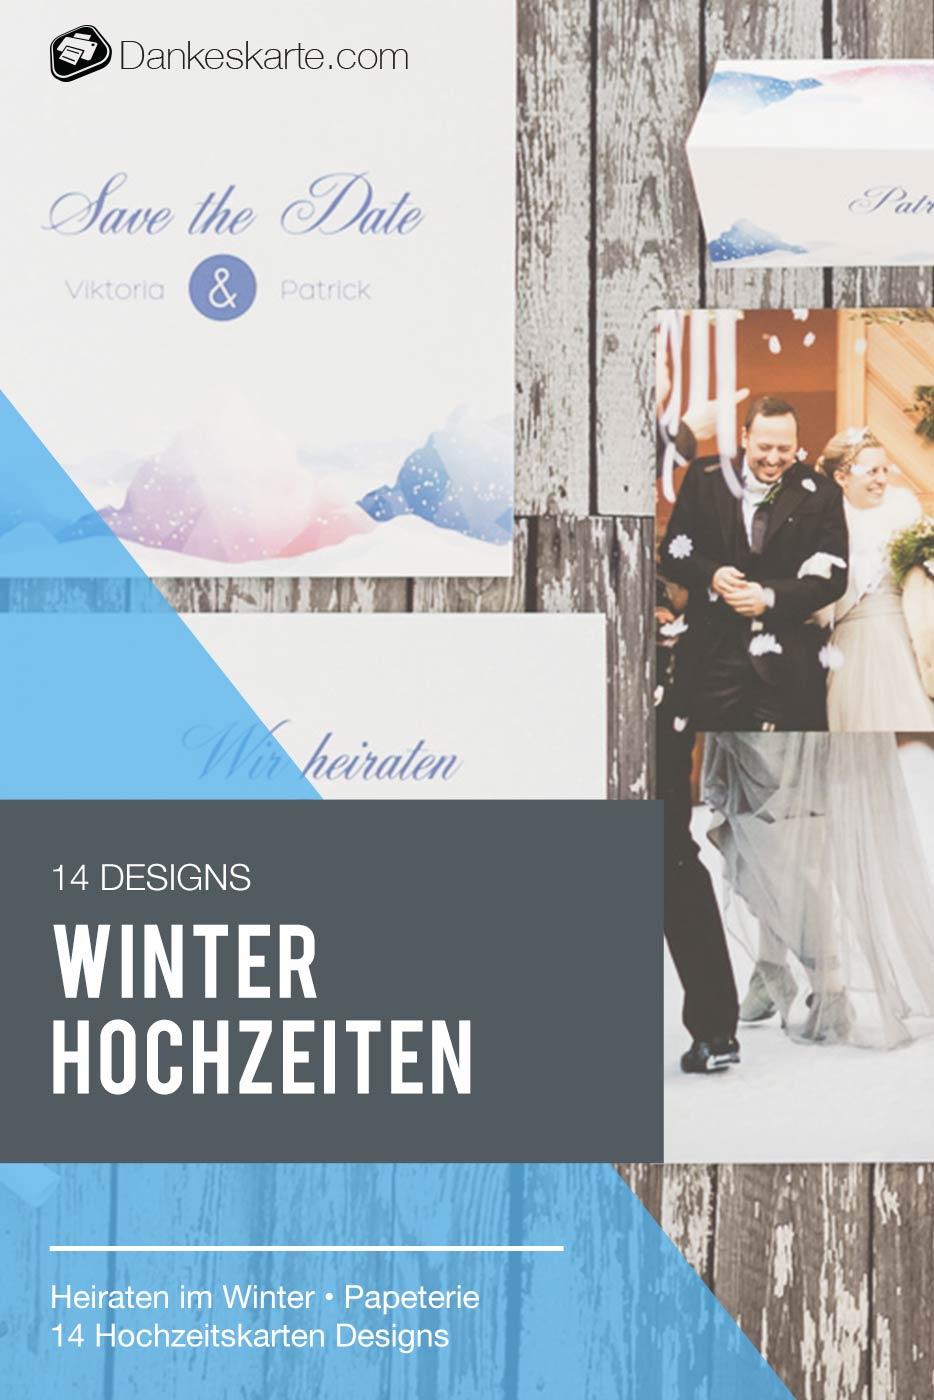 14 Hochzeitskarten Designs für deine Winterhochzeit - Dankeskarte.com